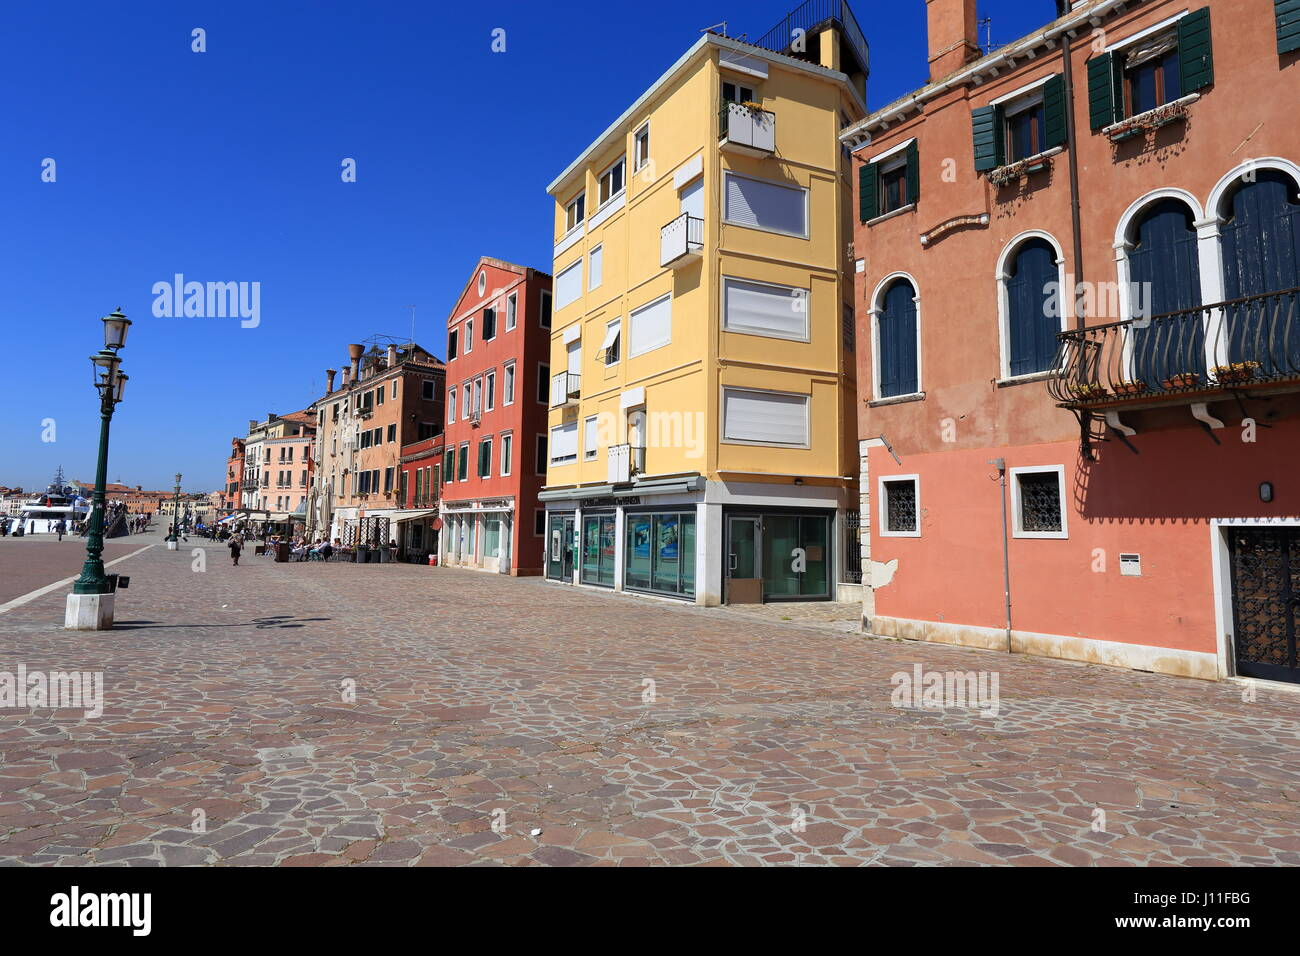 Venezia Italia, Riva dei Sette Martini. Passeggiata a Venezia. Immagini Stock